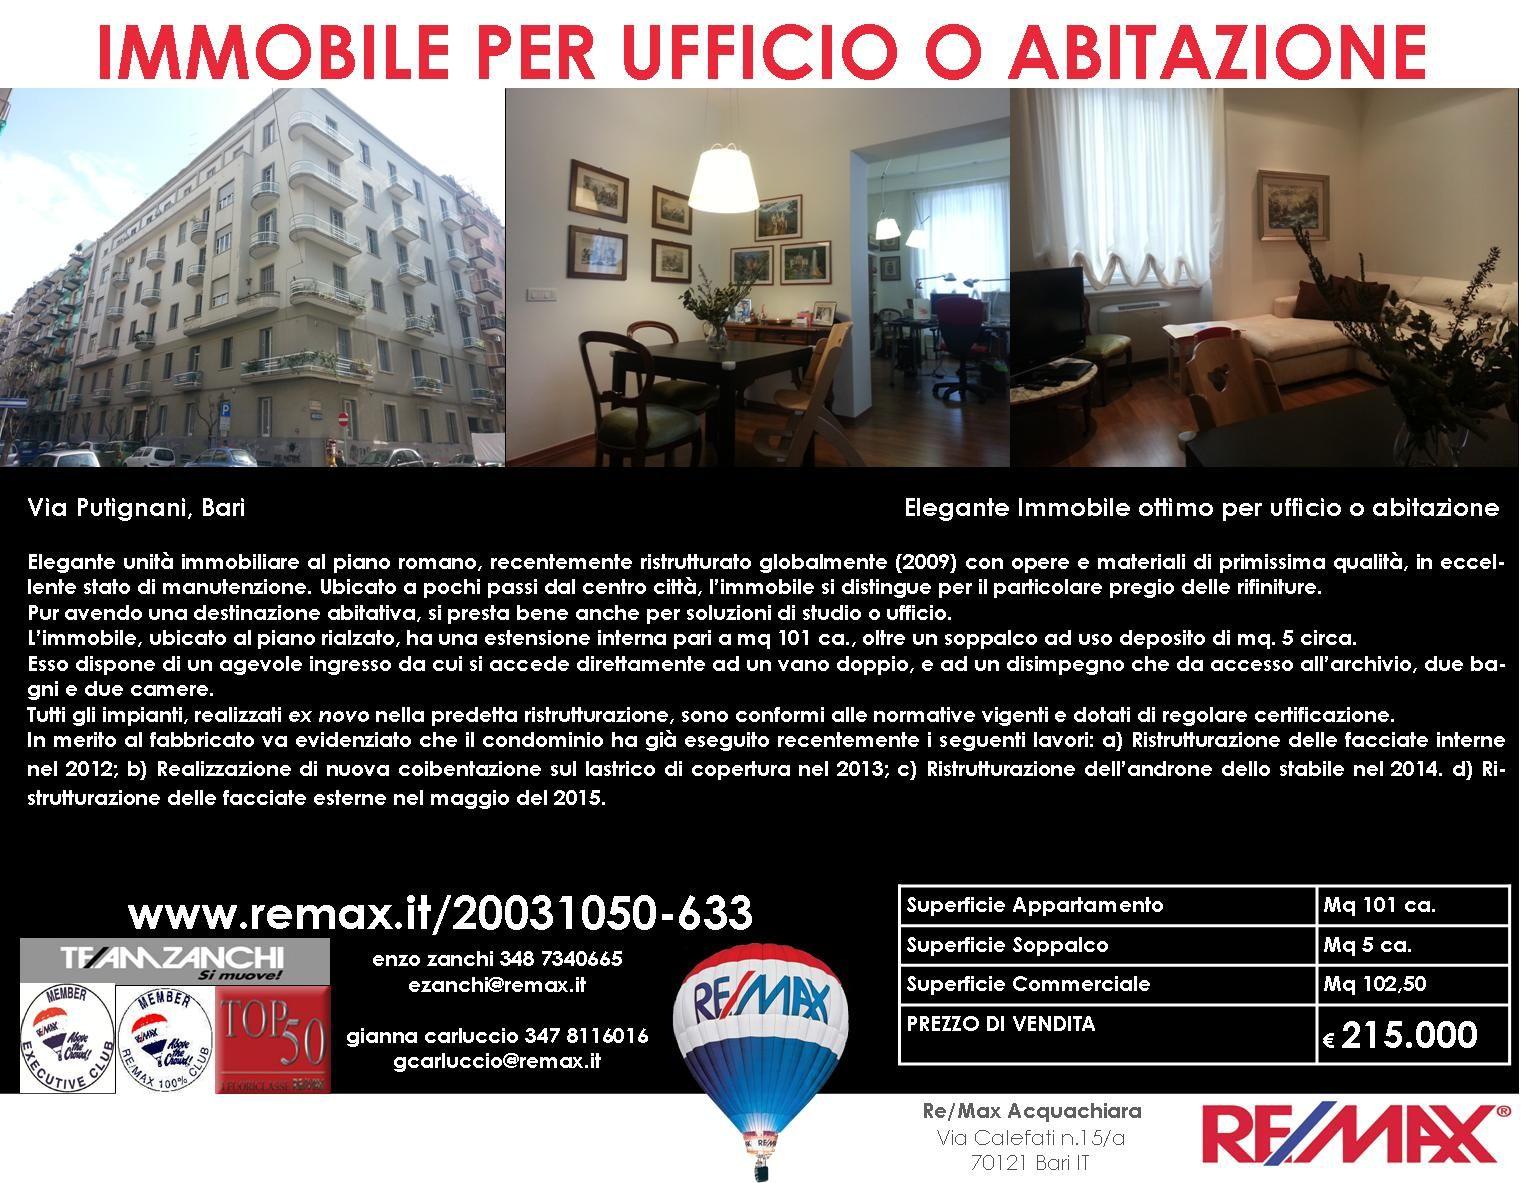 Bari, Via Putignani Elegante Immobile ottimo per ufficio o abitazione www.remax.it/20031050-633 info 348 7340665